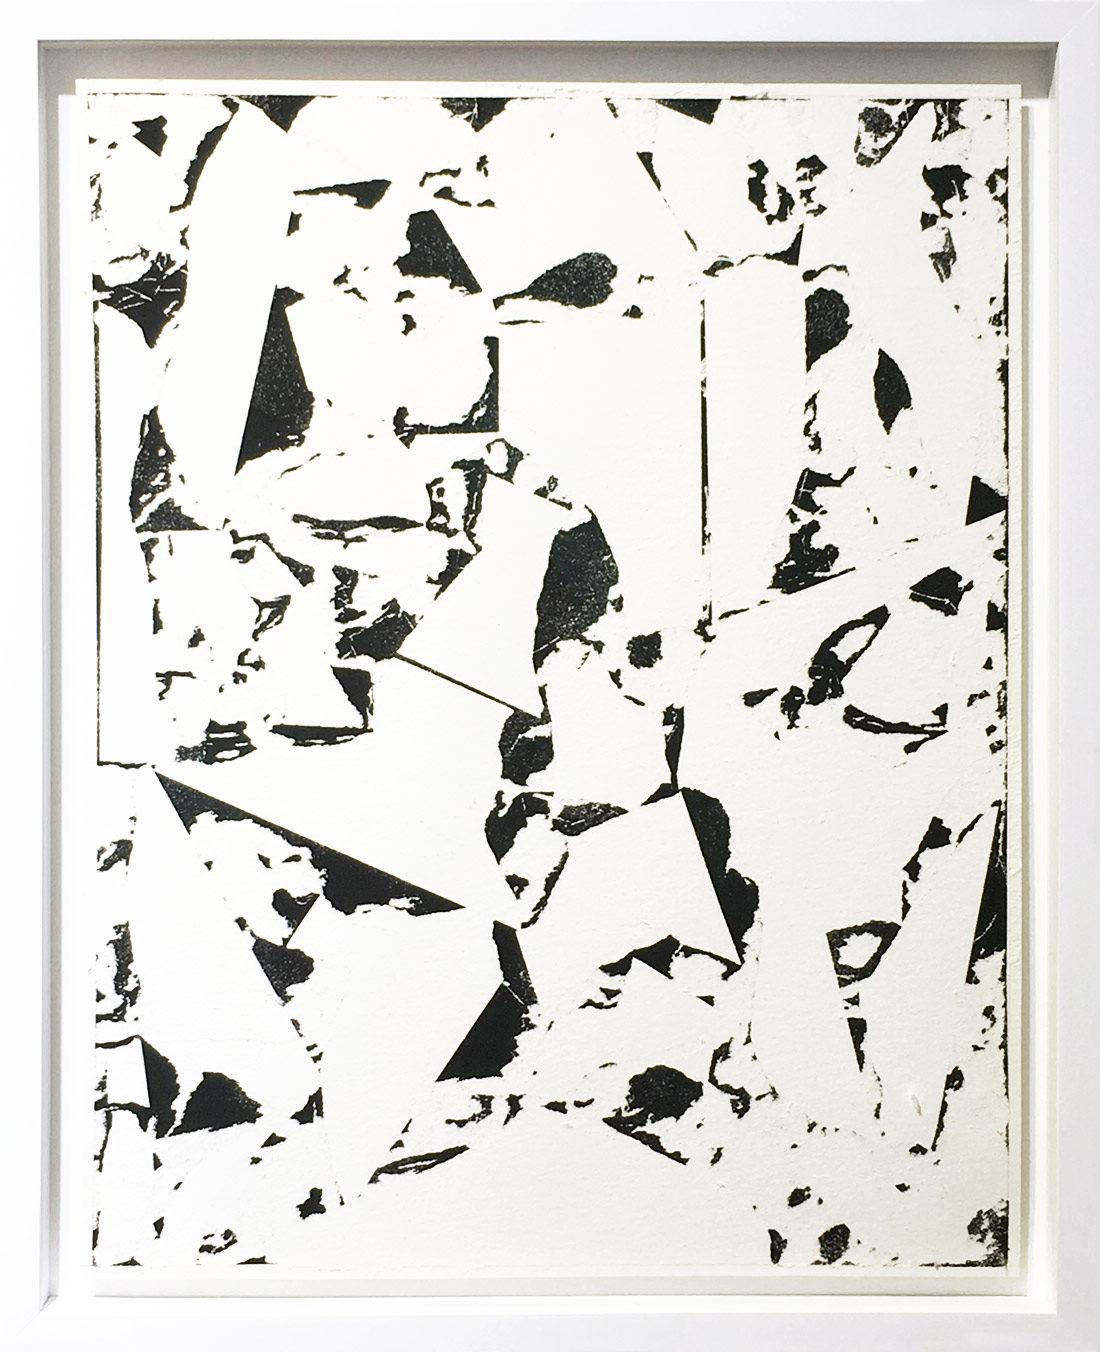 Laurent Karagueuzian - Oeuvre sur papier - Papiers écorchés no 218